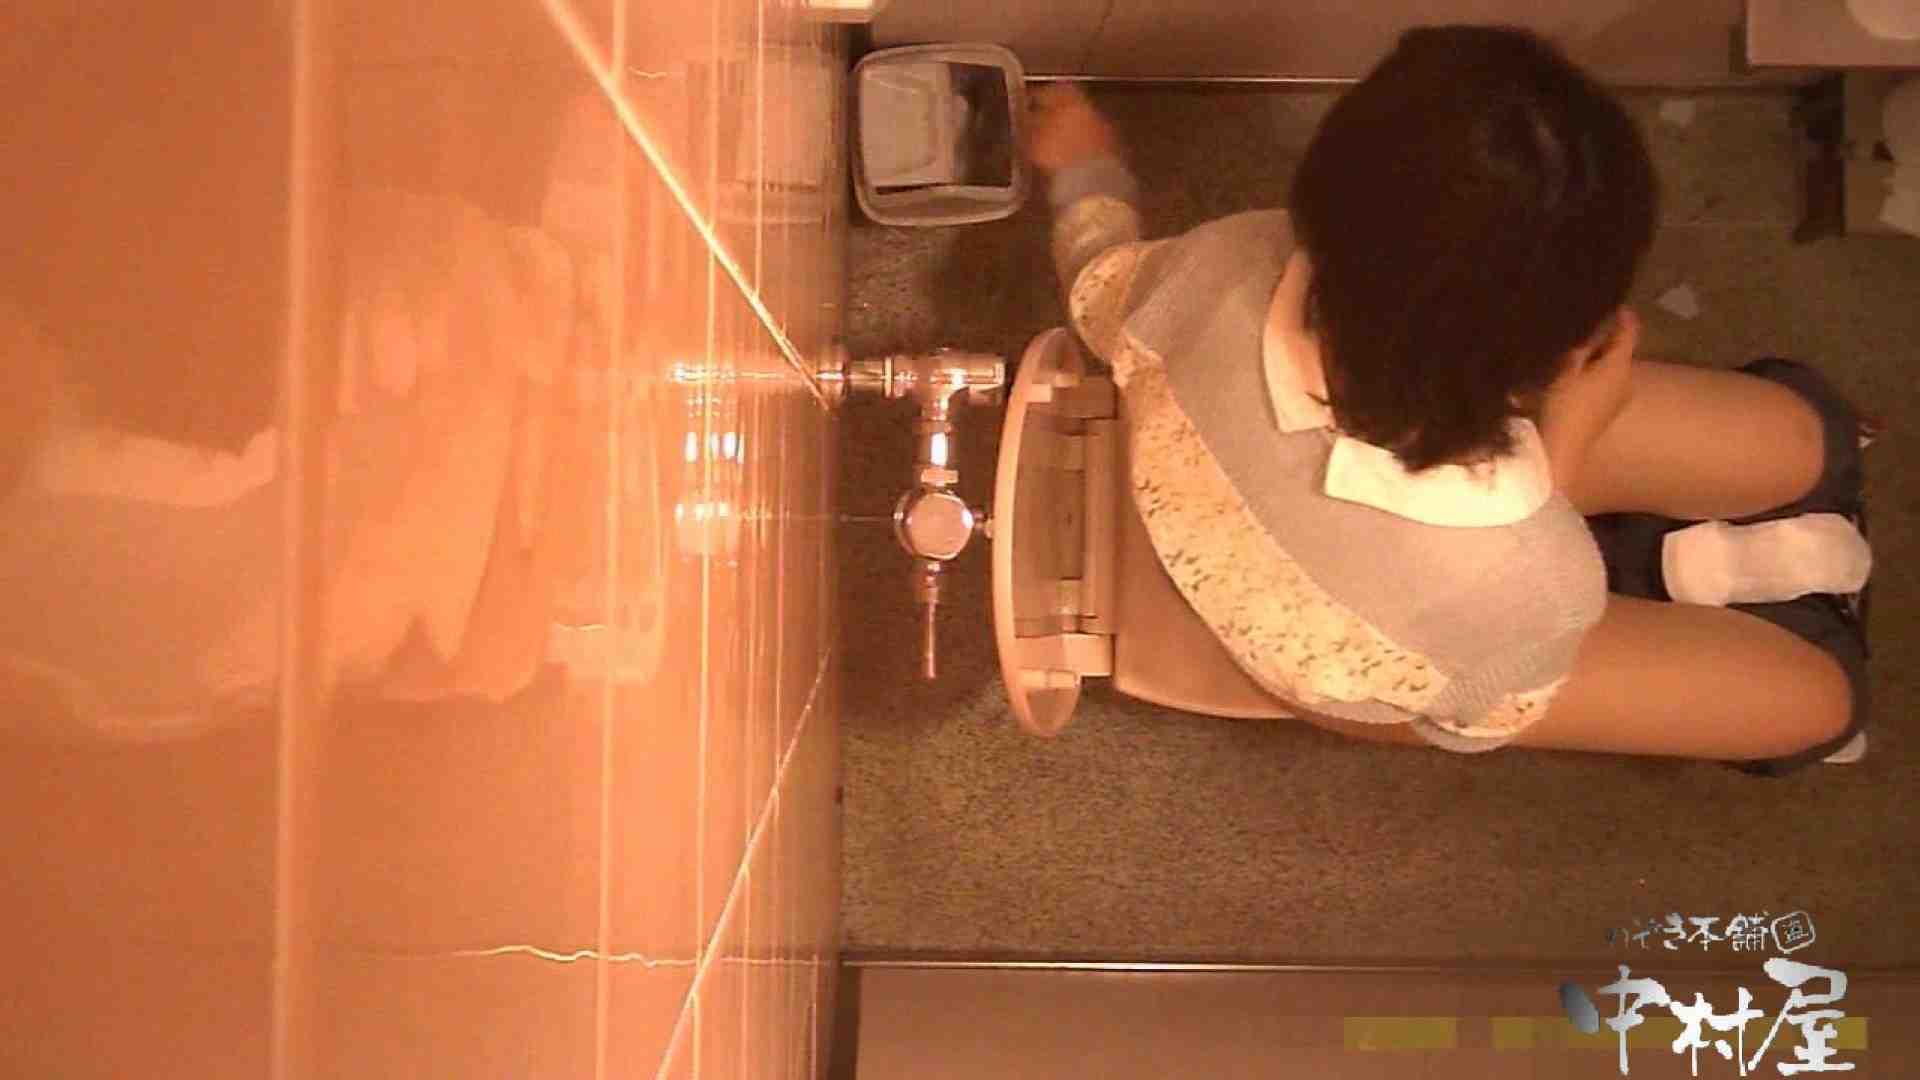 初盗撮!女盗撮師カレンさんの 潜入!女子トイレ盗撮!Vol.2 美しいOLの裸体 | 盗撮師作品  77pic 43